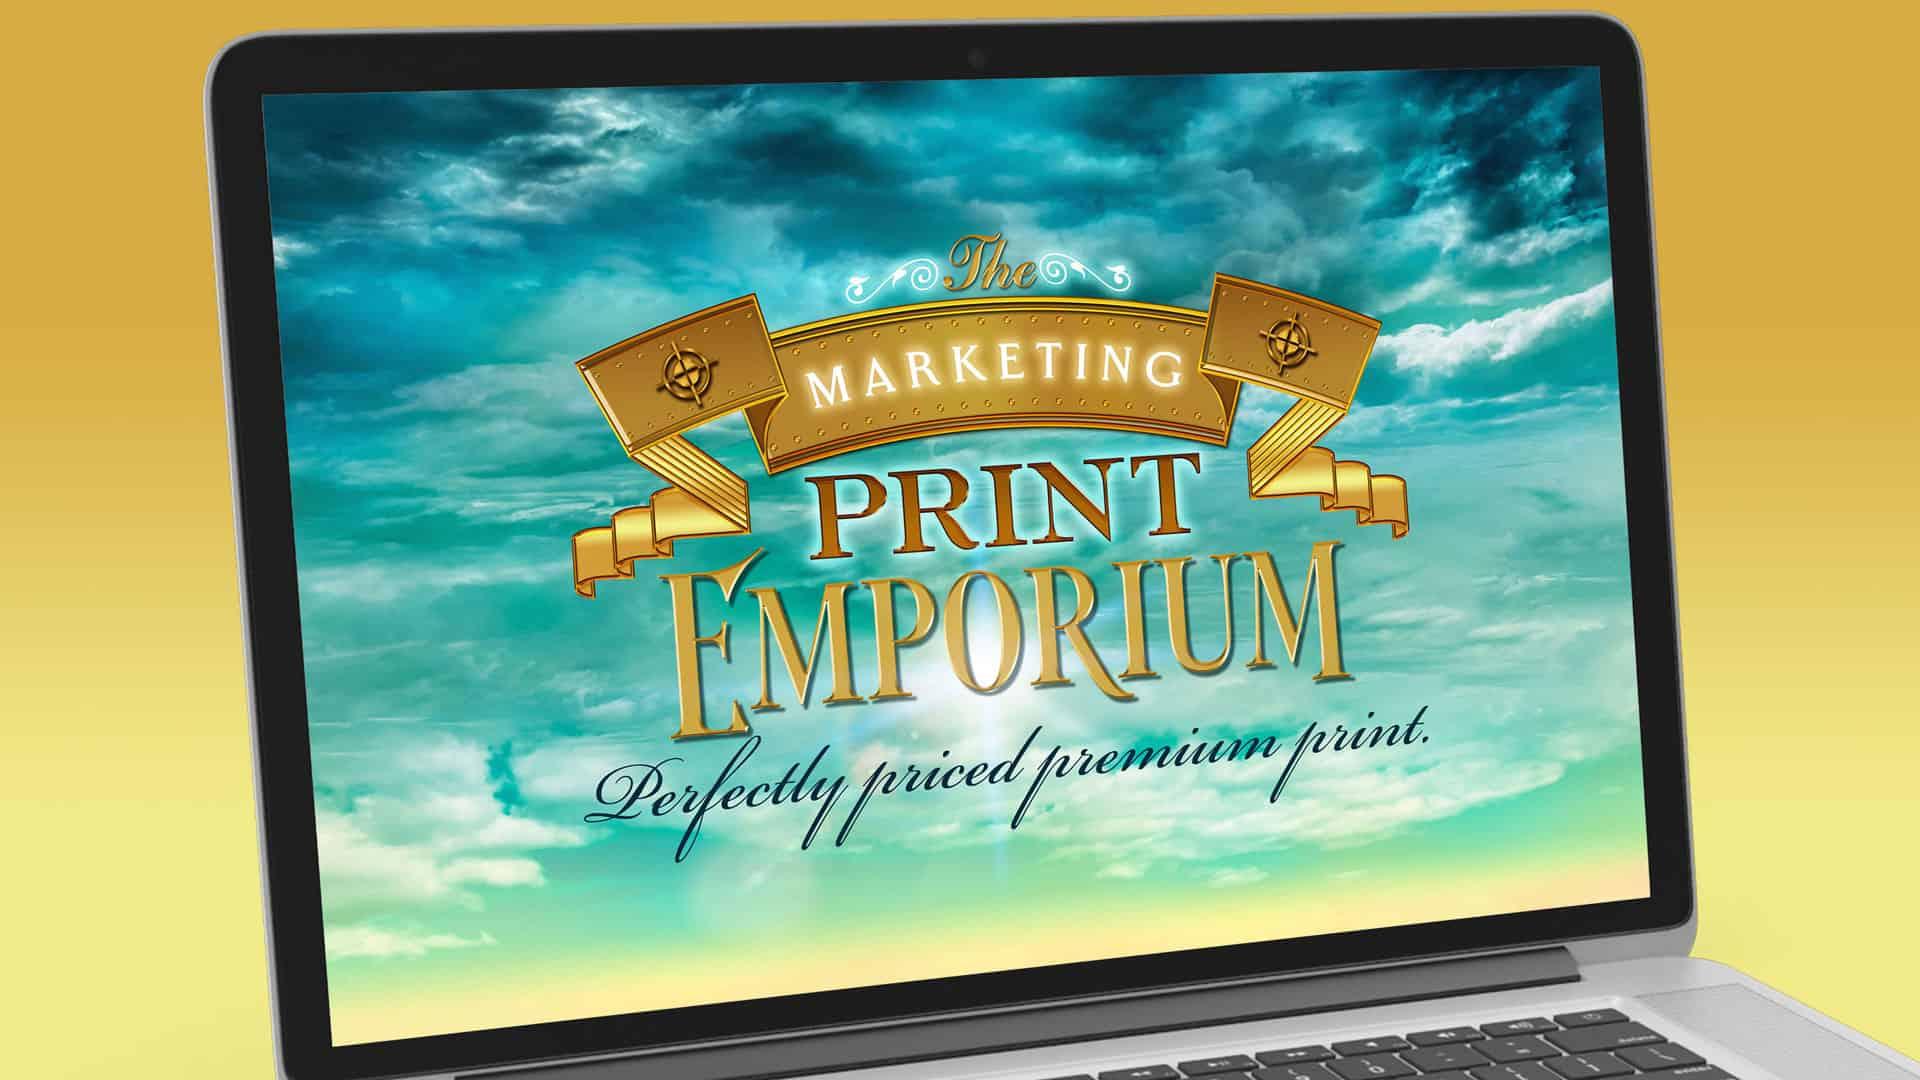 Marketing Print Emporium Image 8